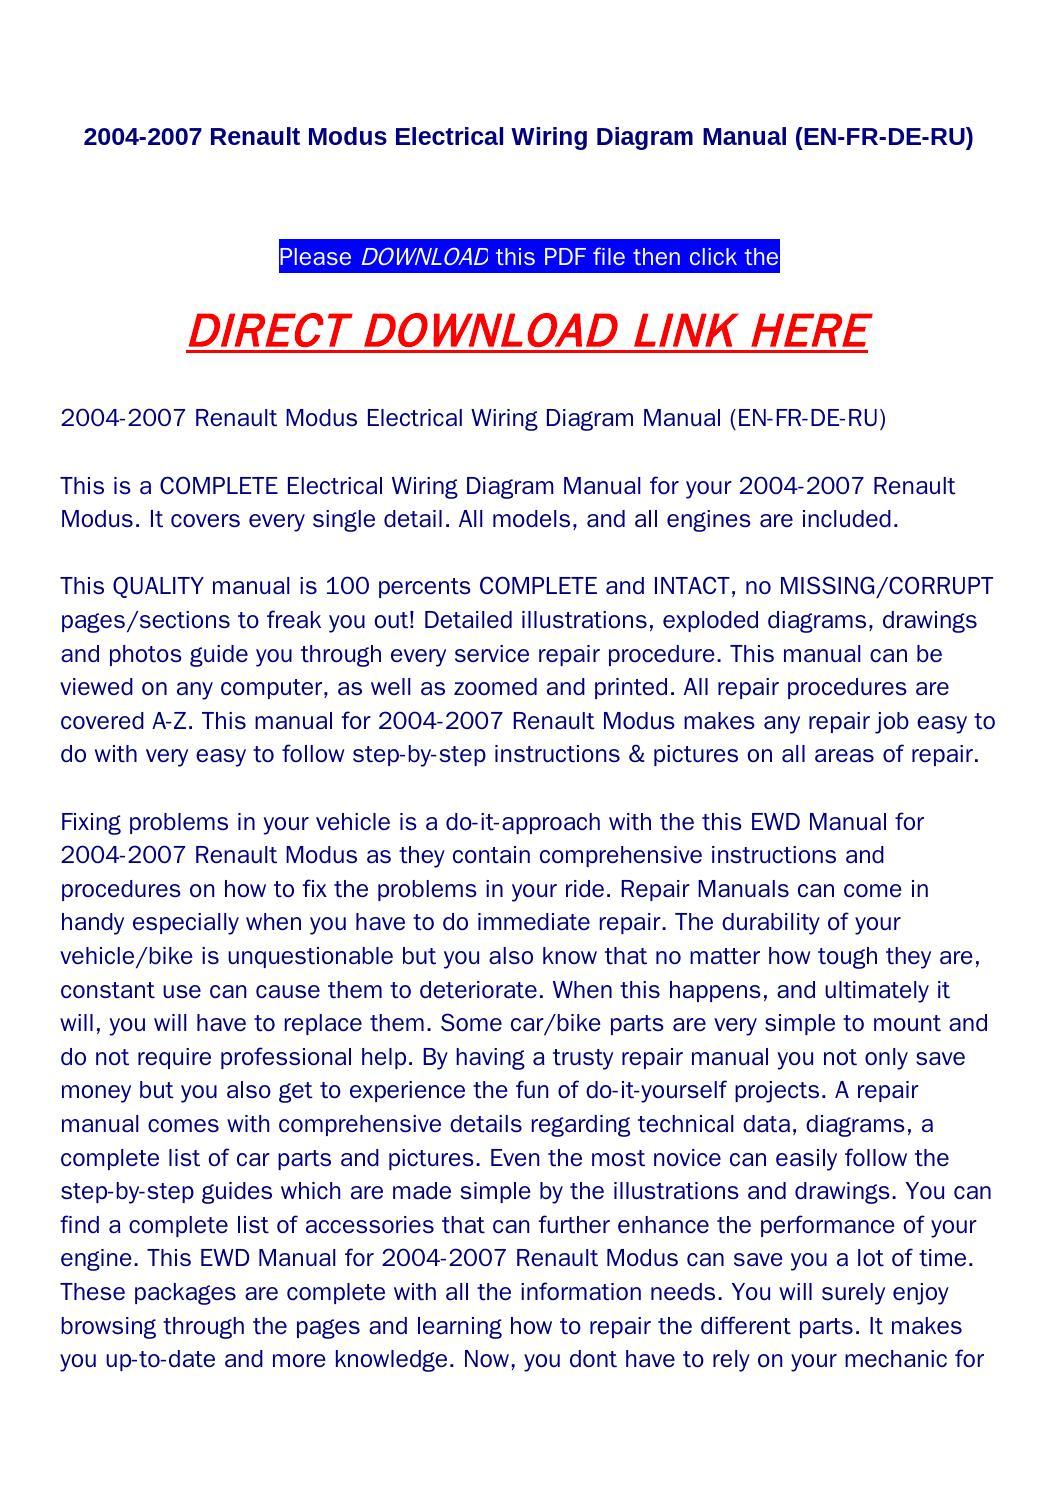 2004 2007 Renault Modus Electrical Wiring Diagram Manual